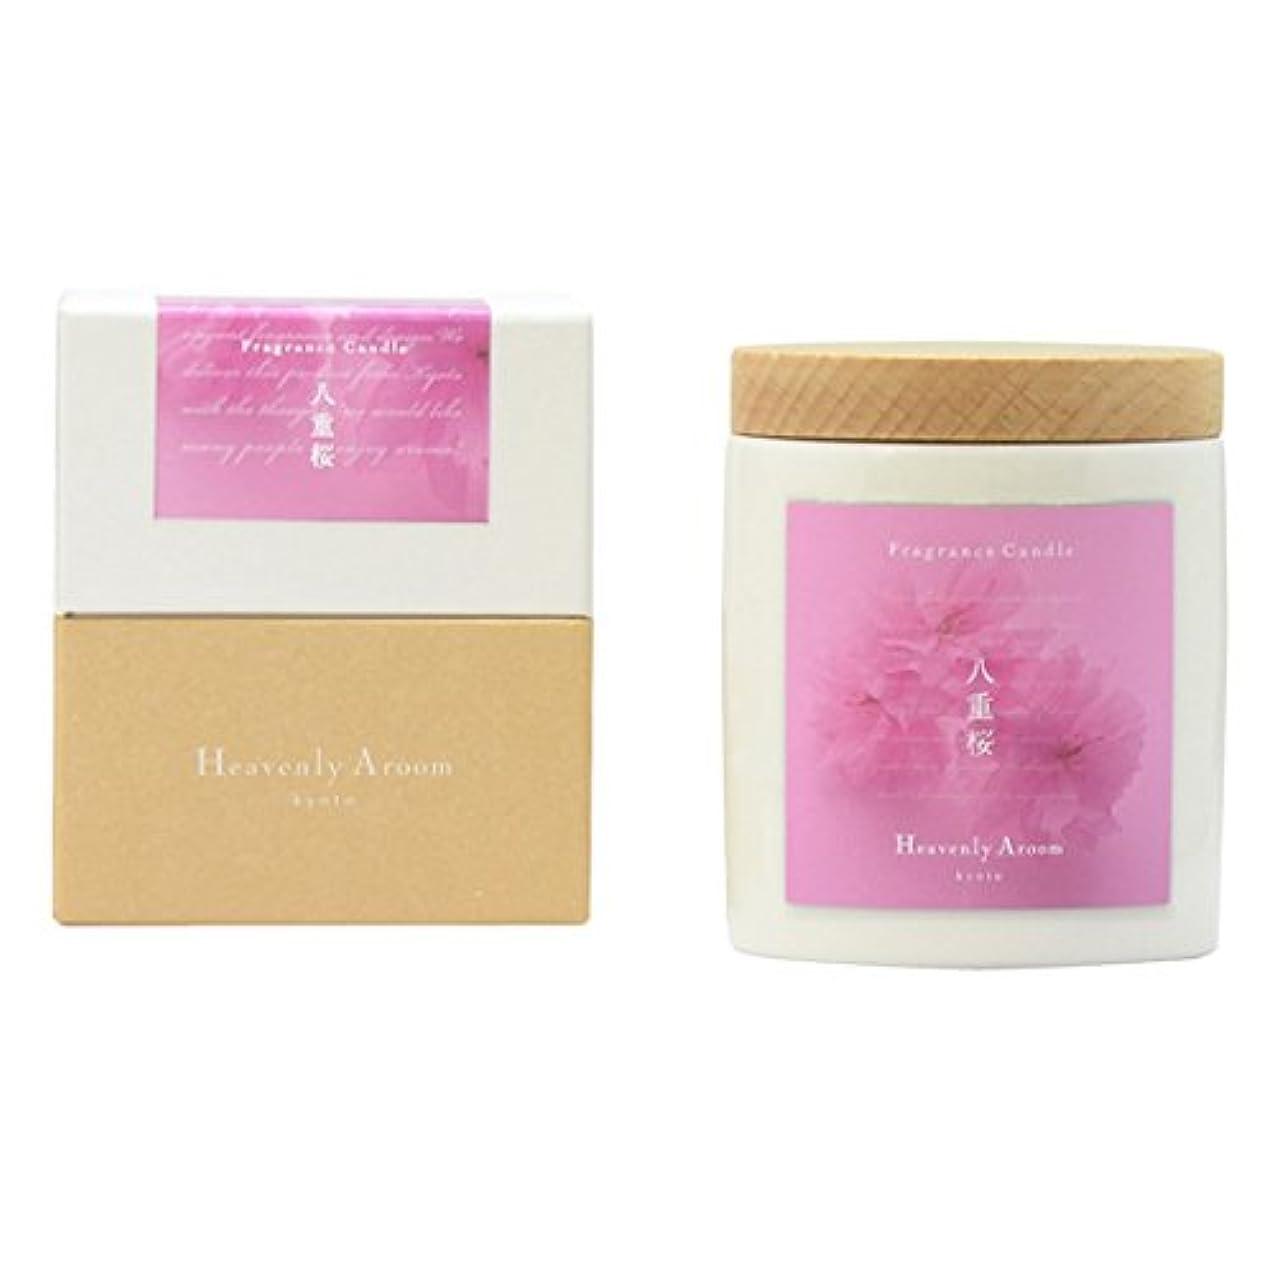 蓮露出度の高い約設定Heavenly Aroom フレグランスキャンドルS 八重桜 80g